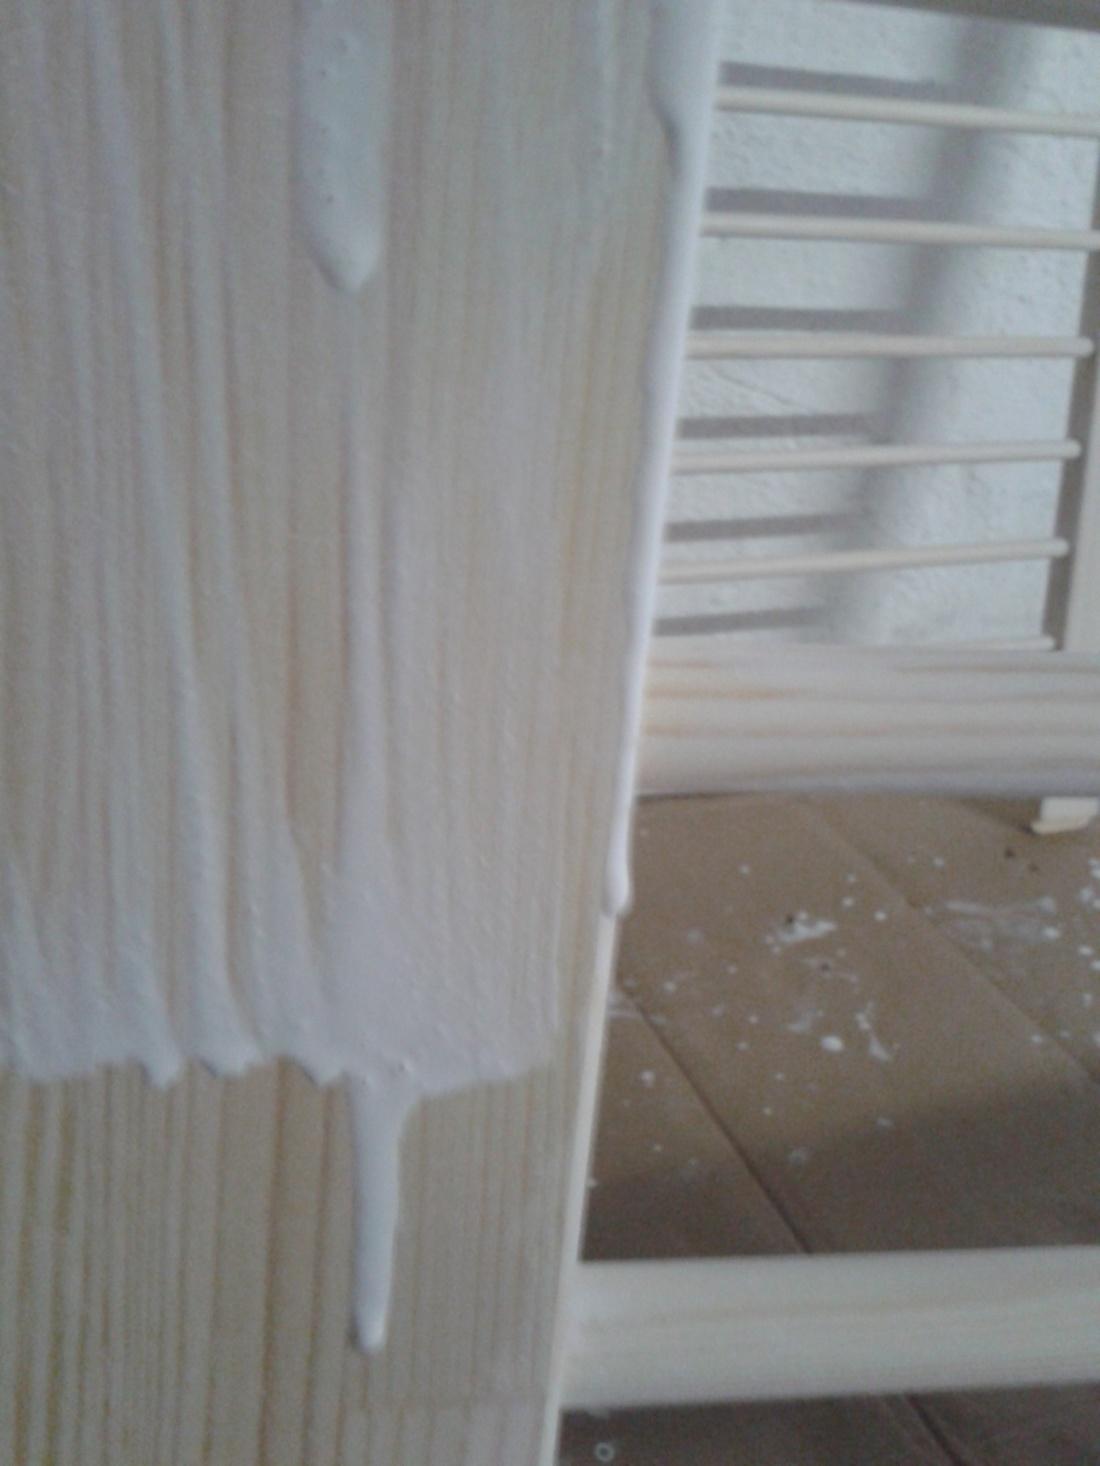 Mit weißer Holzlasur bestichene Holzplatte, von der die Lasur runtertropft, vor einer bereits gestrichenen Sprossenwand.